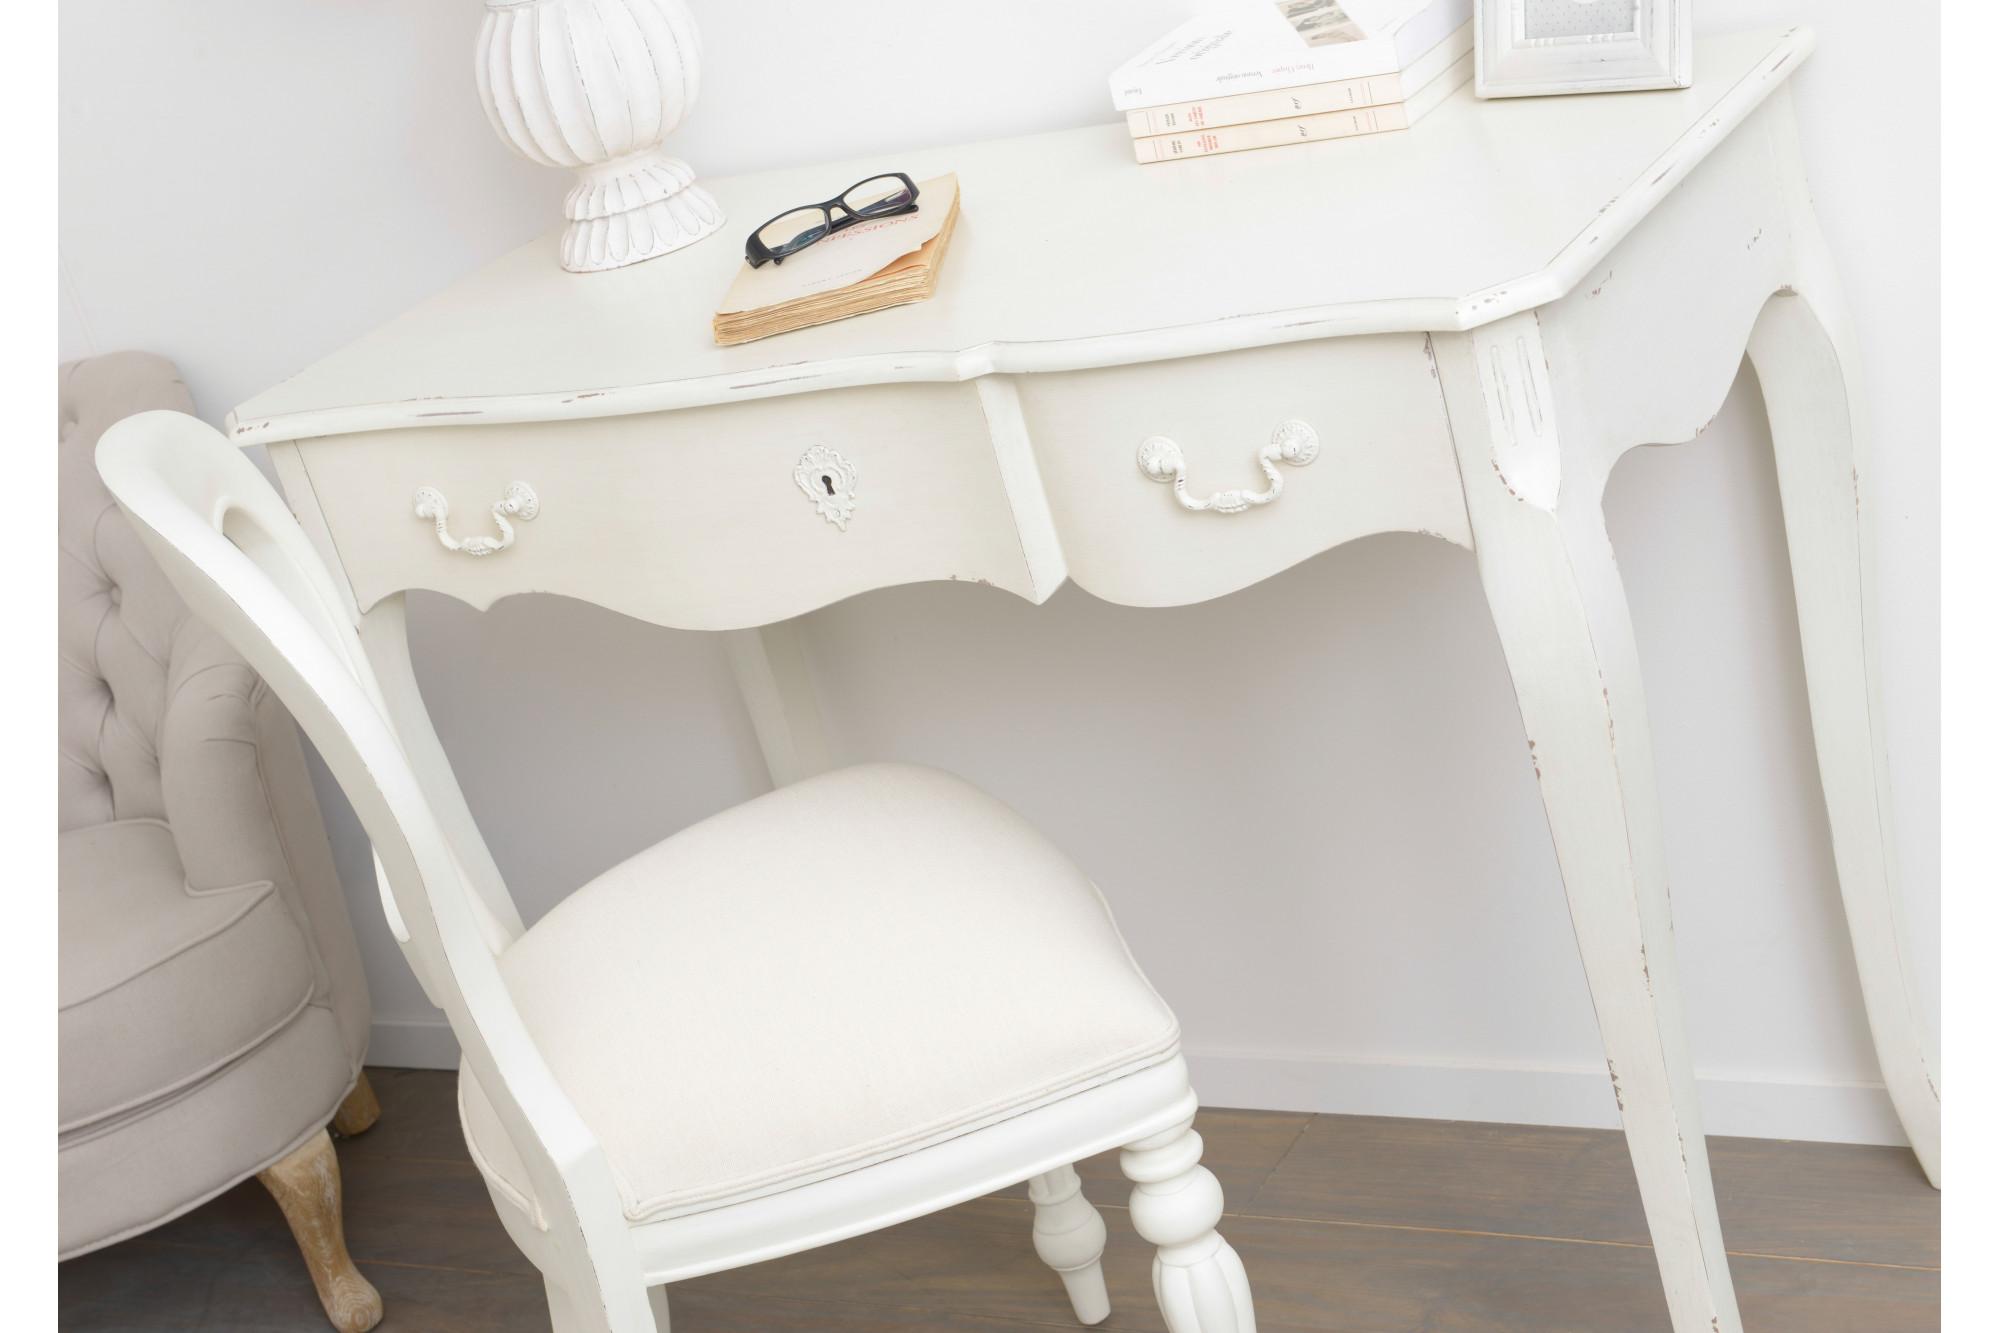 Bureau blanc 1 tiroir arpen hellin